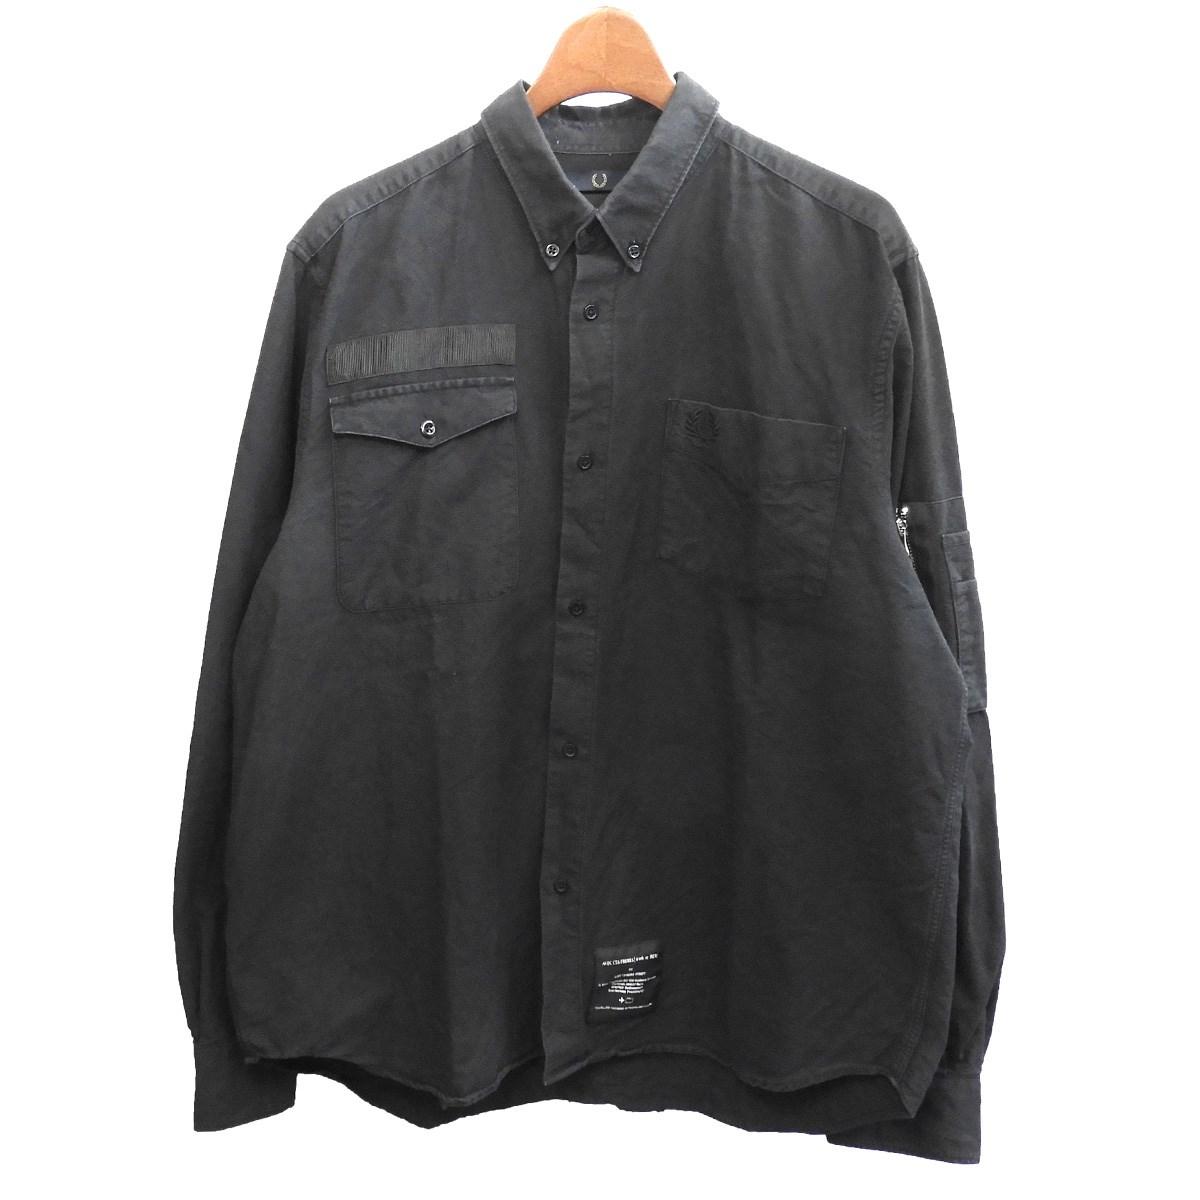 【中古】ART COMES FIRST × FRED PERRY ボタンダウンシャツ ブラック サイズ:42 【291119】(アートカムズファースト フレッドペリー)